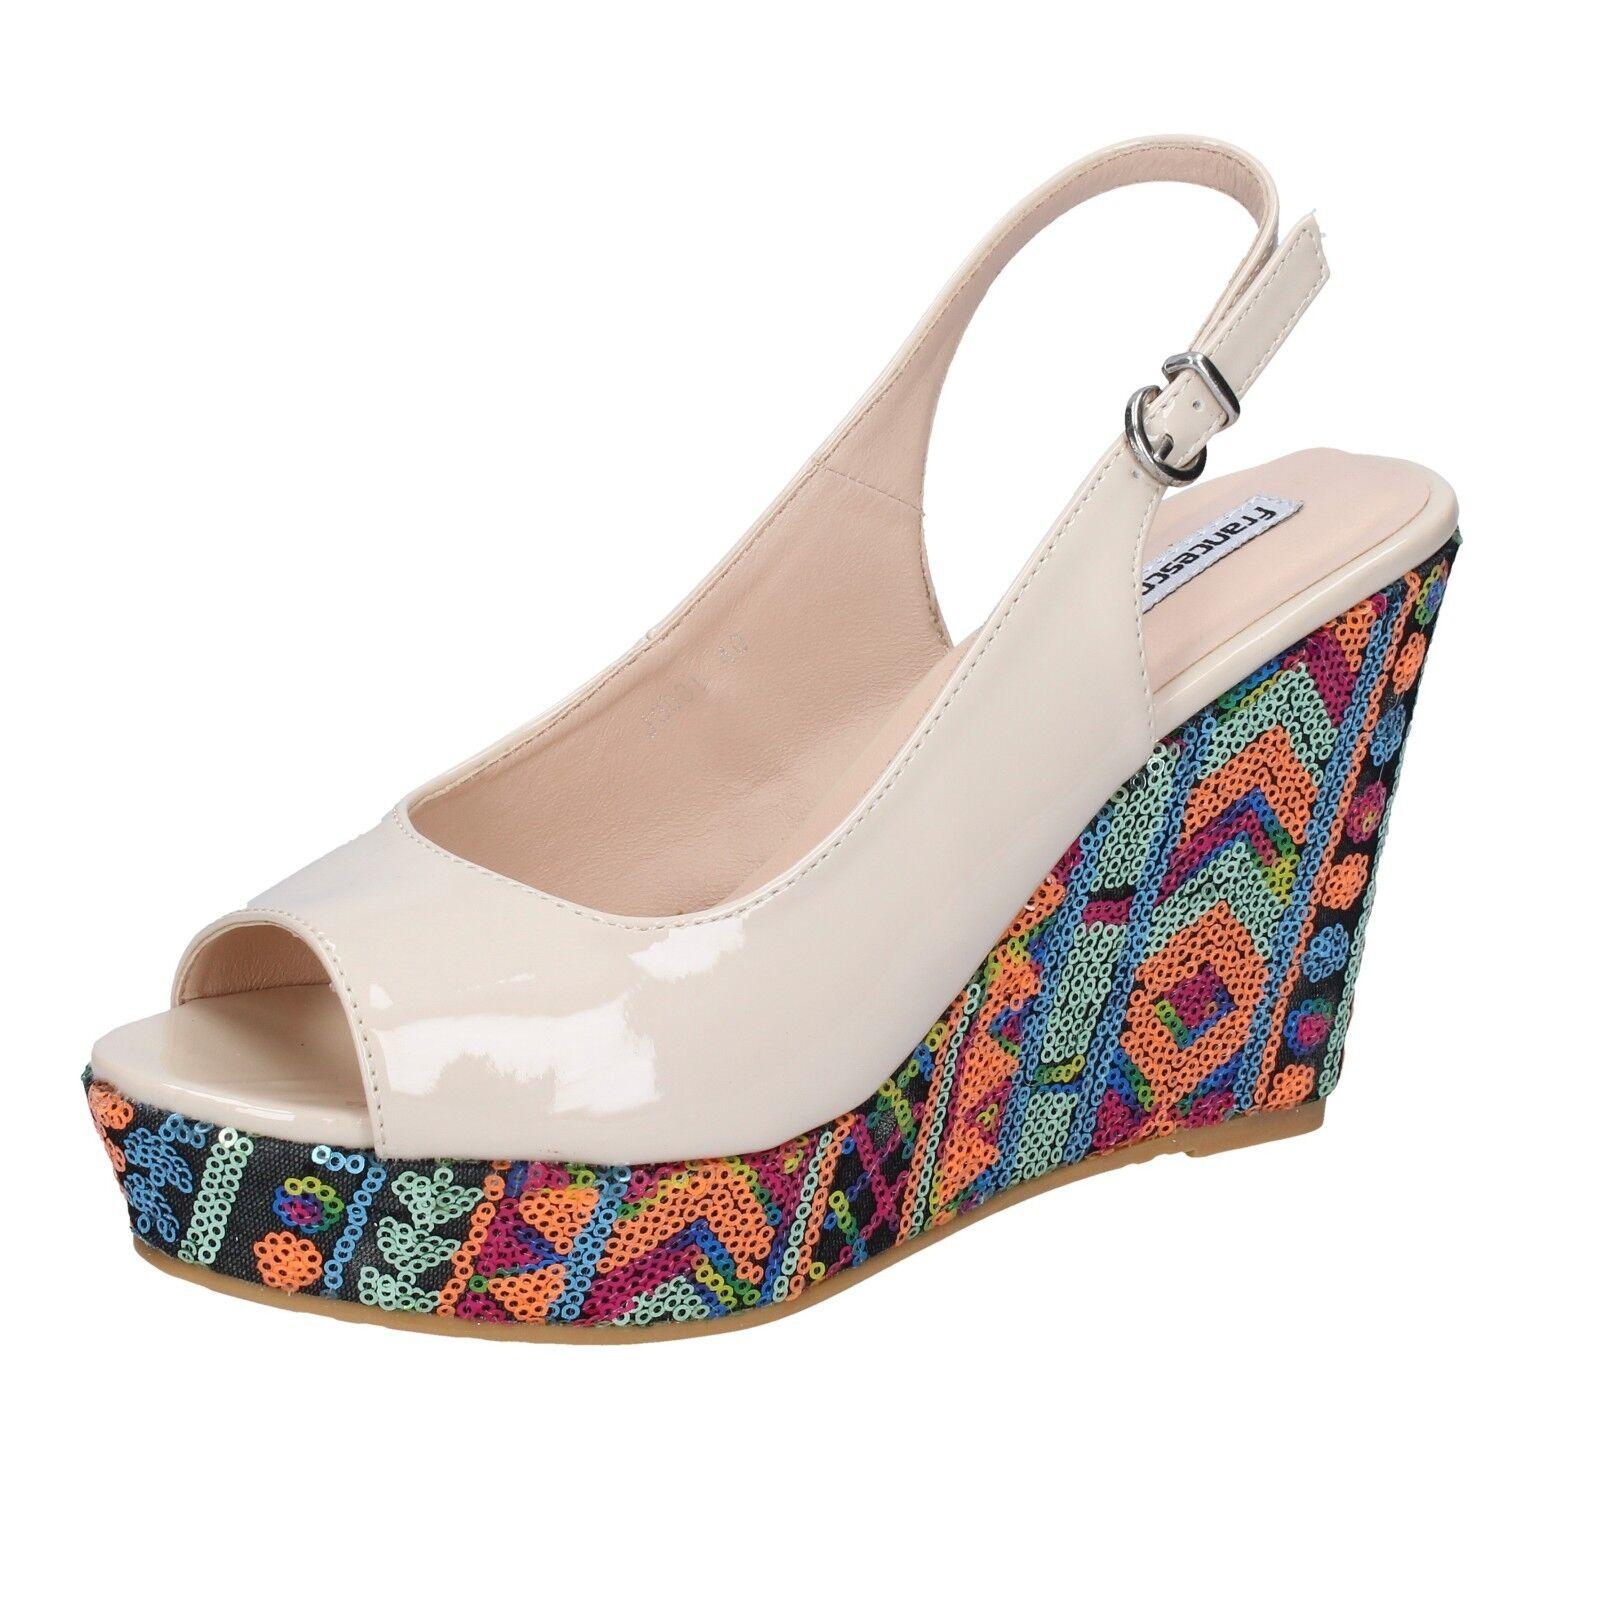 Zapatos para mujer Francesco Milano 6 (EU (EU (EU 39) Sandalias Beige Charol AG515-39 b5415e